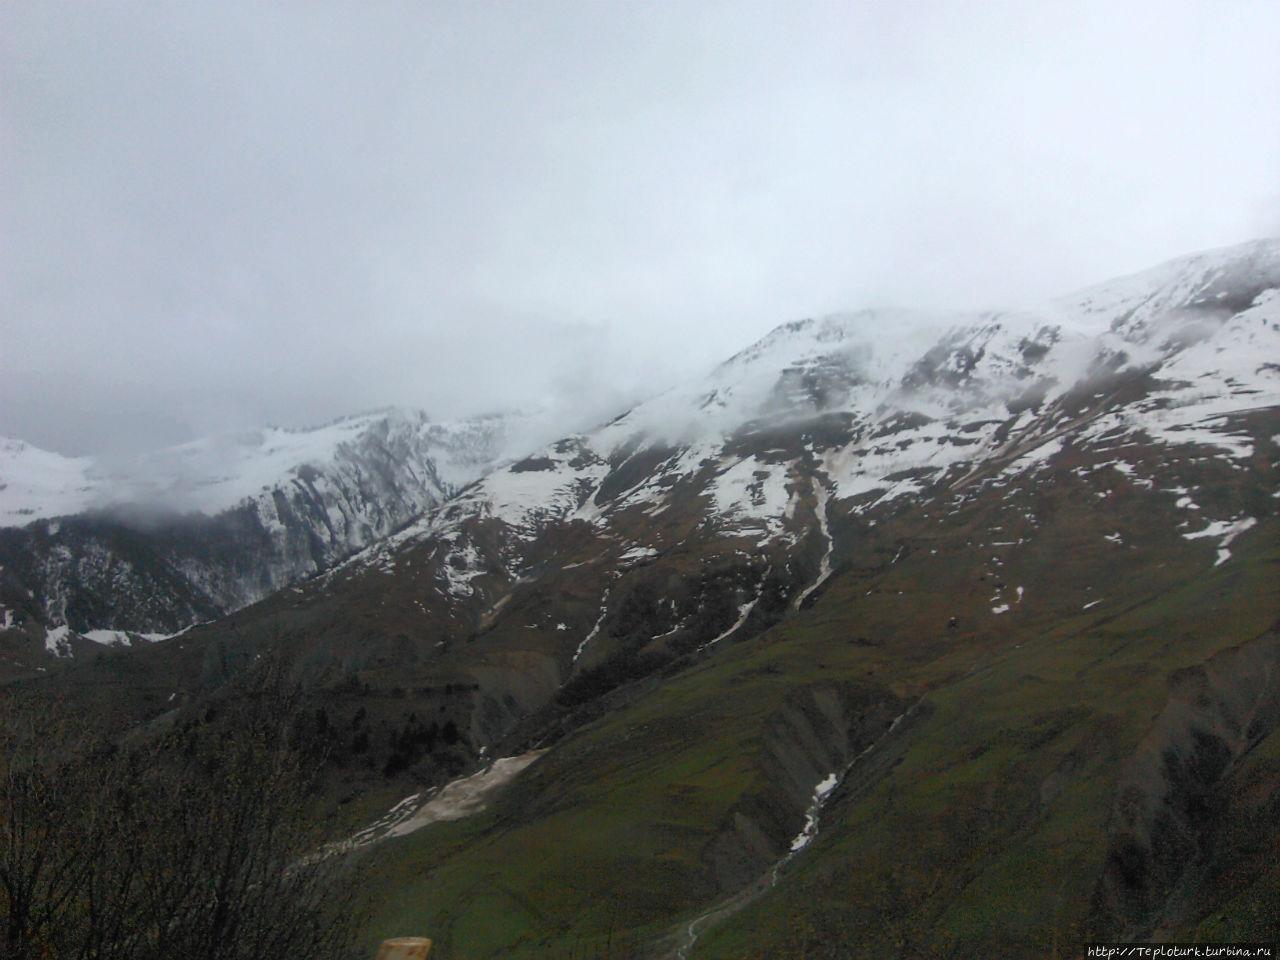 Грузия — впереди Крестовый перевал в снегу. Алания, Турция